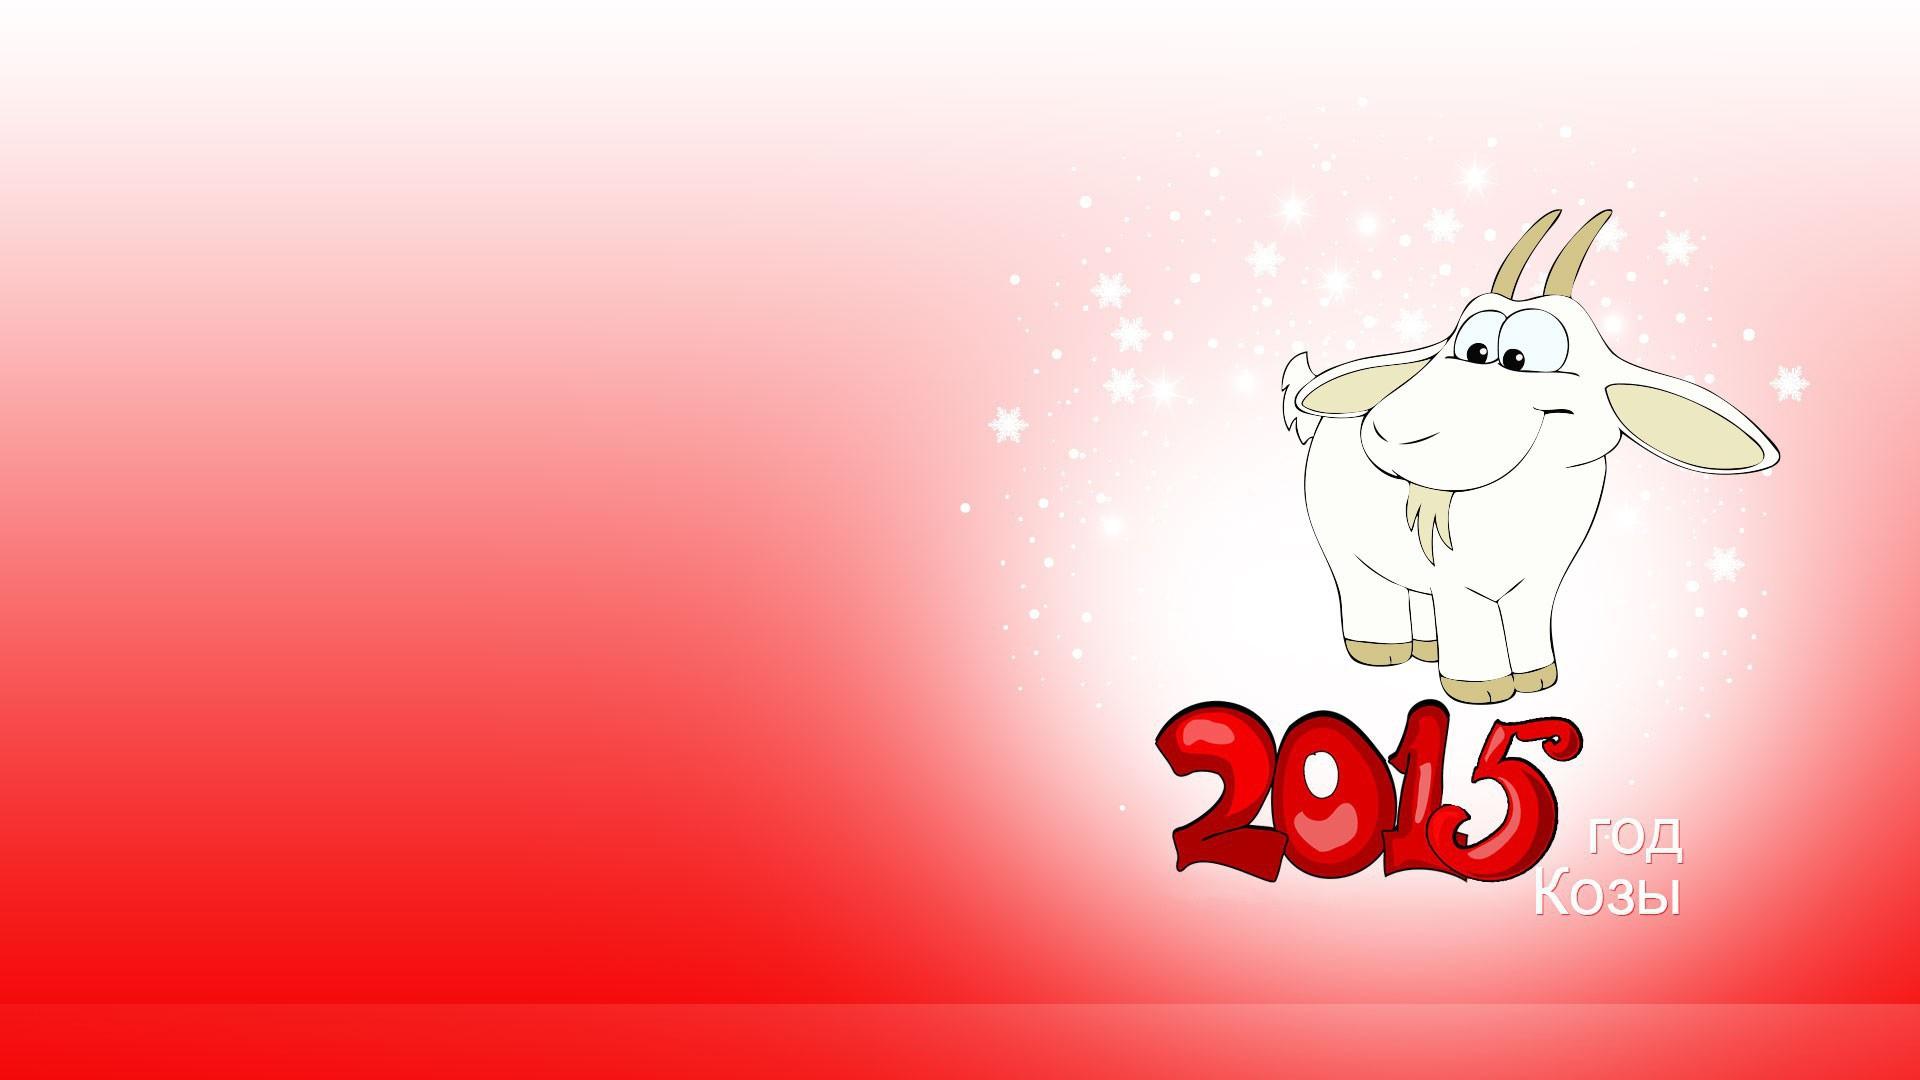 Открытки на 2015 года, тему рождество